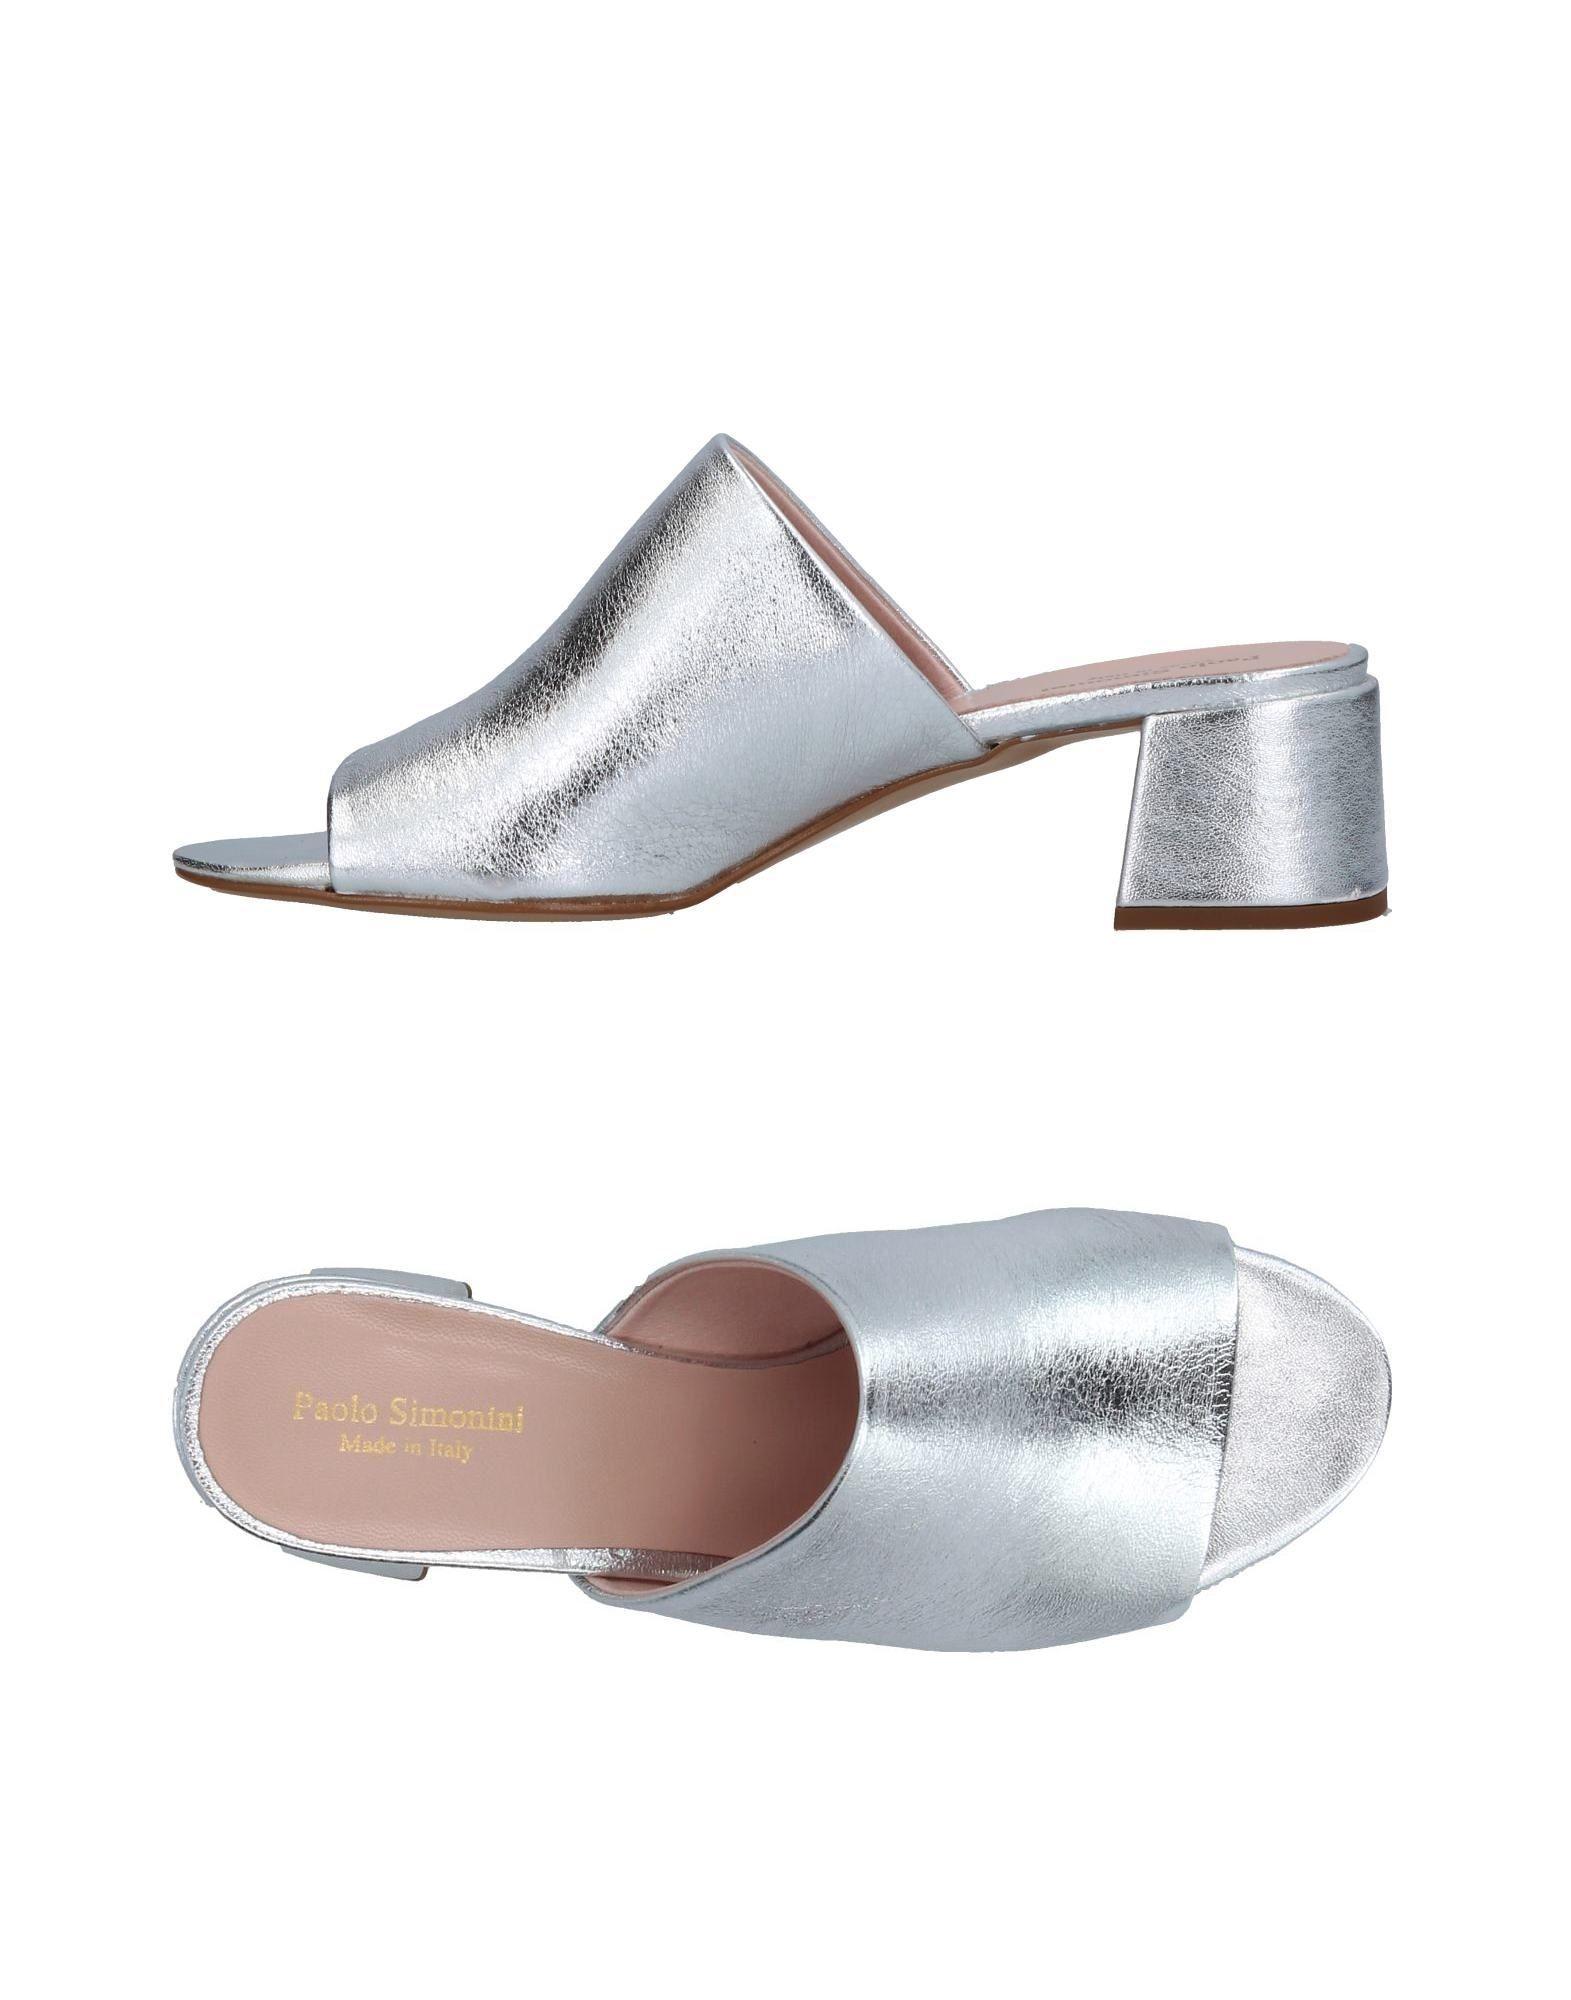 Paolo Simonini Sandalen Damen  11375765UI Neue Schuhe